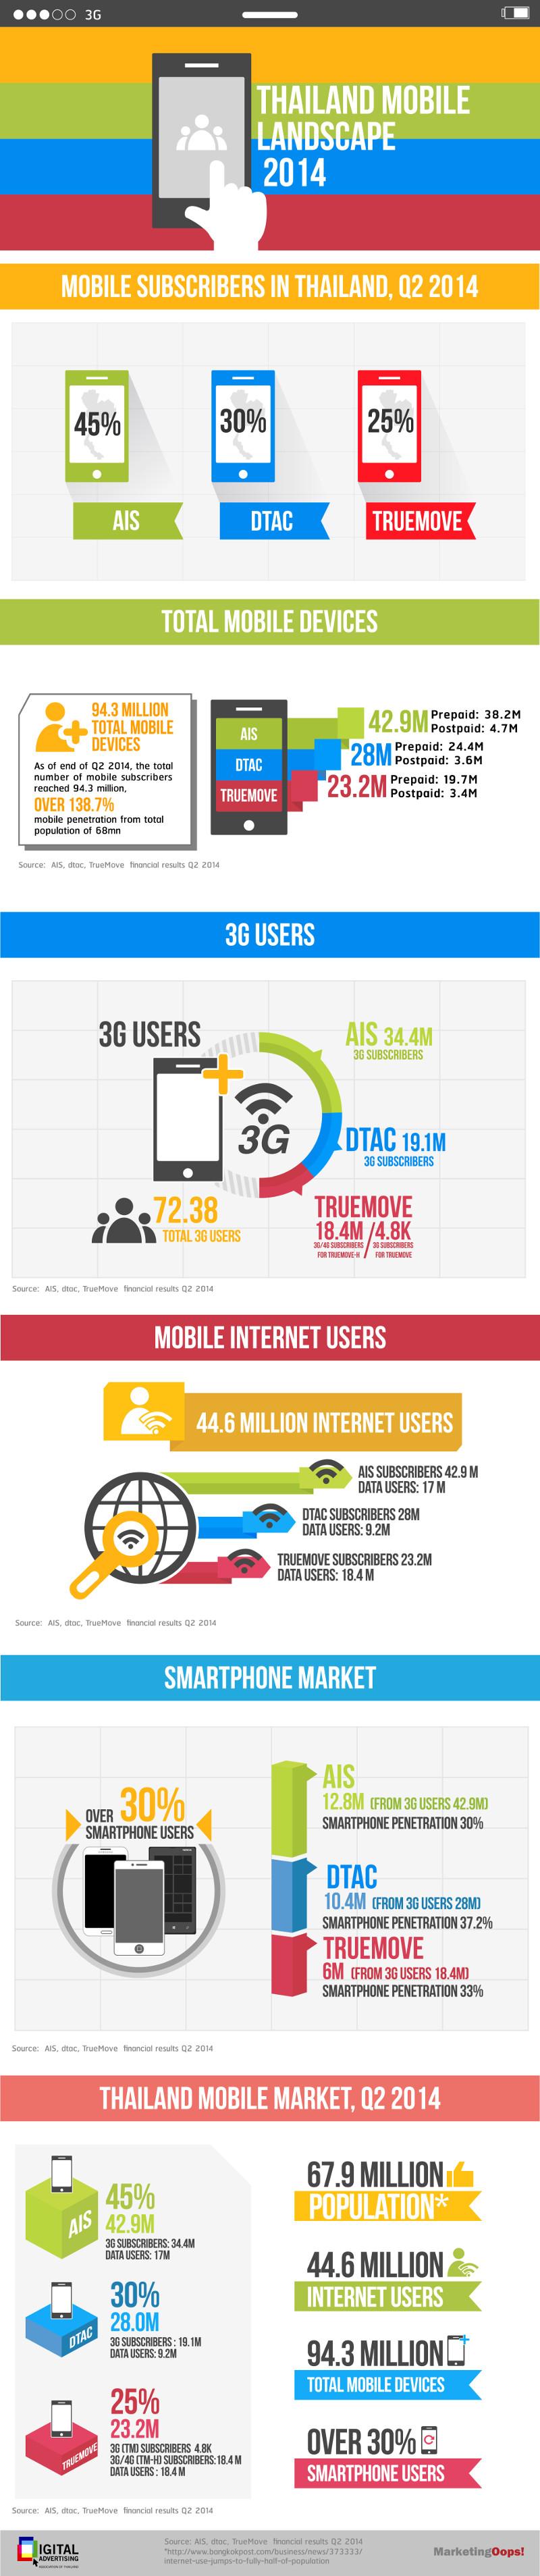 data-mobile-daat